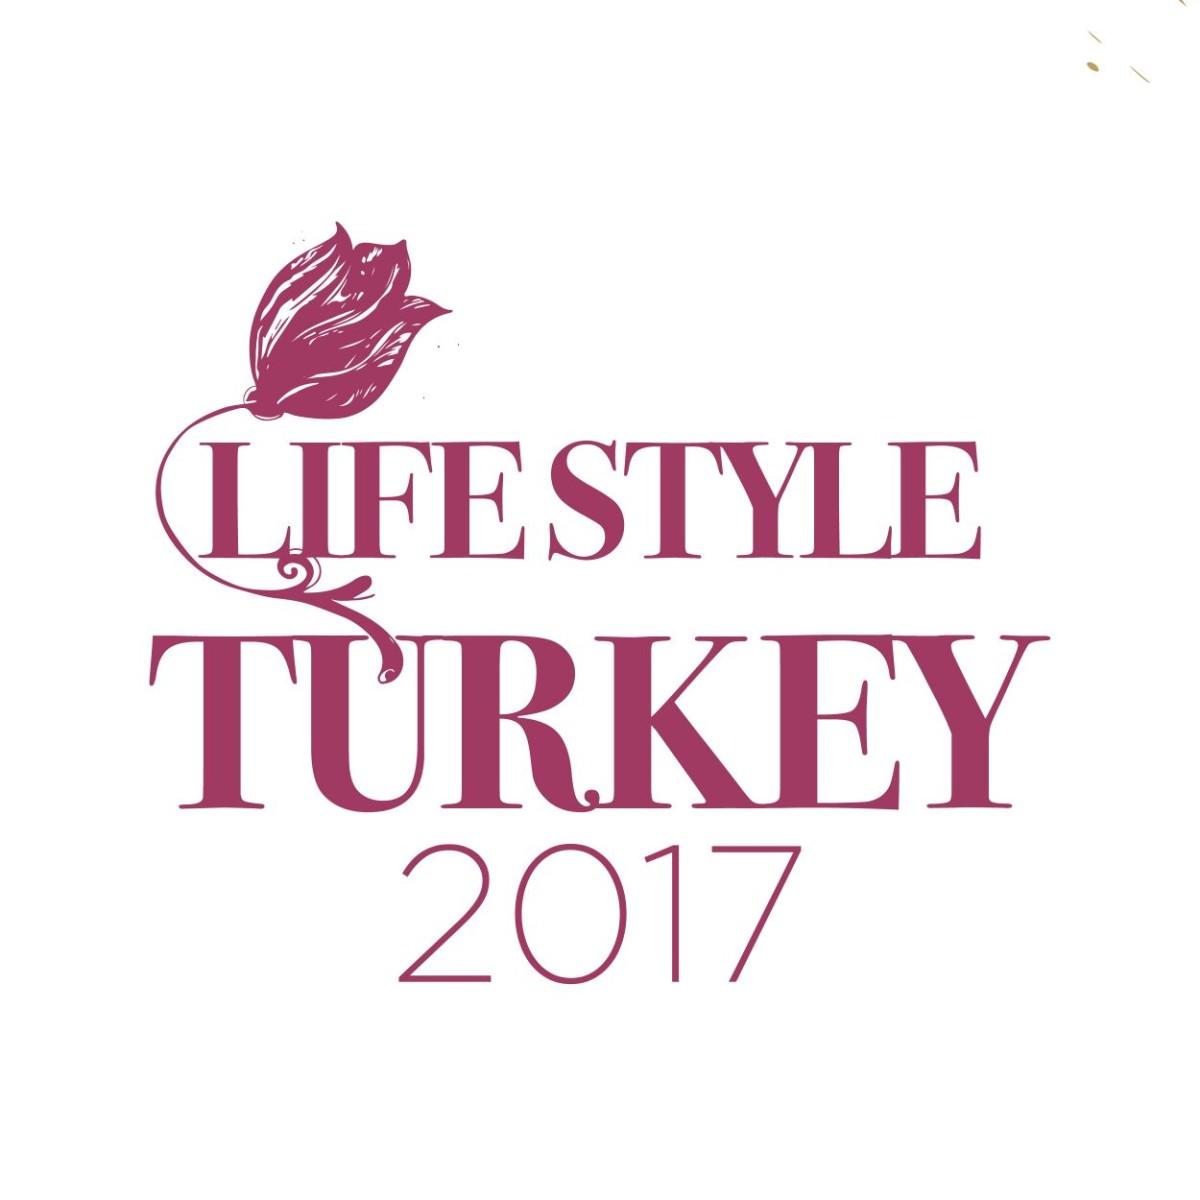 Ortadoğu'nun tek ticari fuarı Lifestyle-Turkey İst...